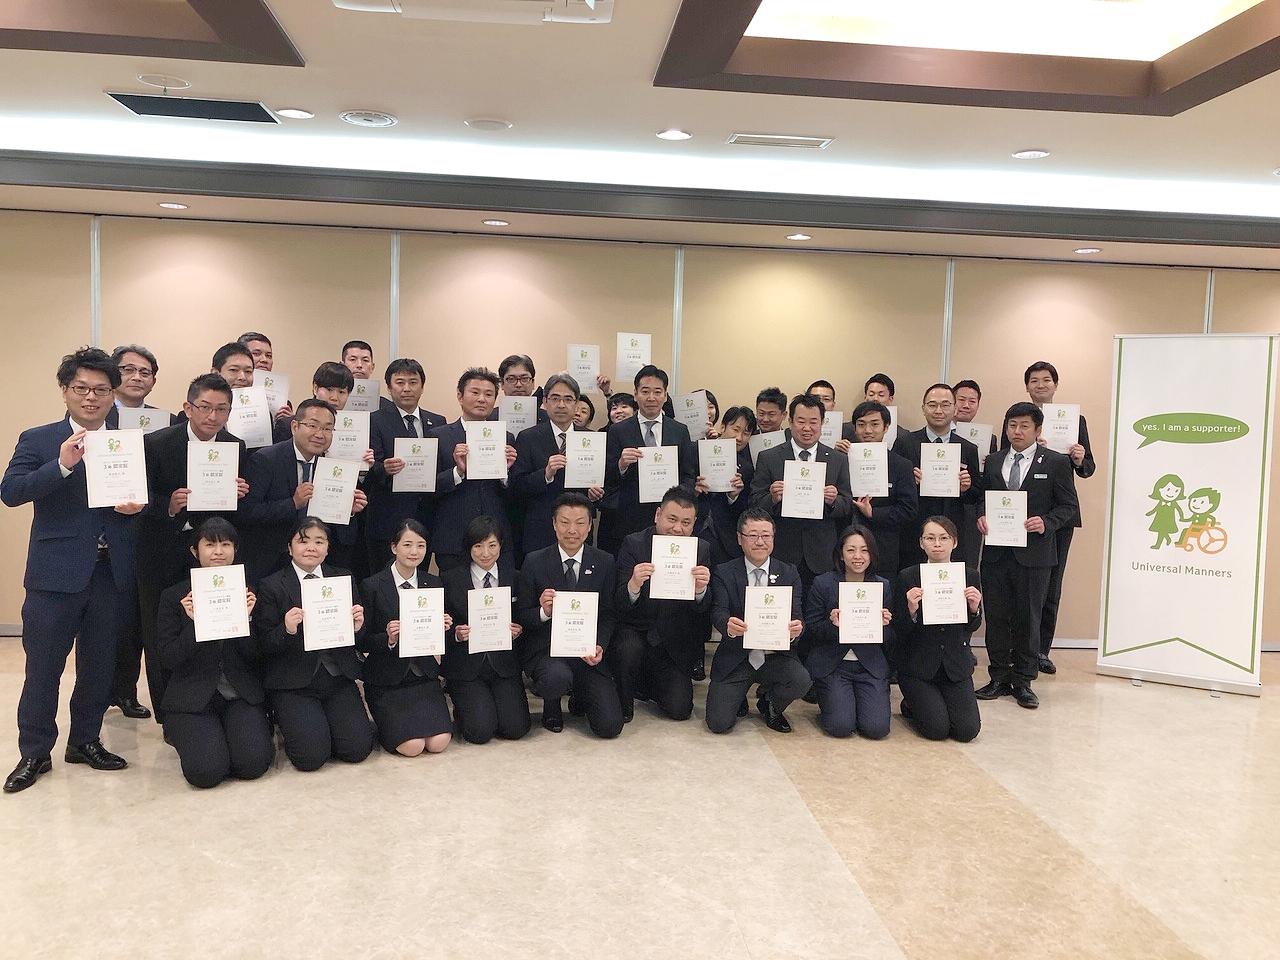 【ニュースリリース】静岡・三重エリア、グループ全施設代表社員45名が 「ユニバーサルマナー検定2級」を取得